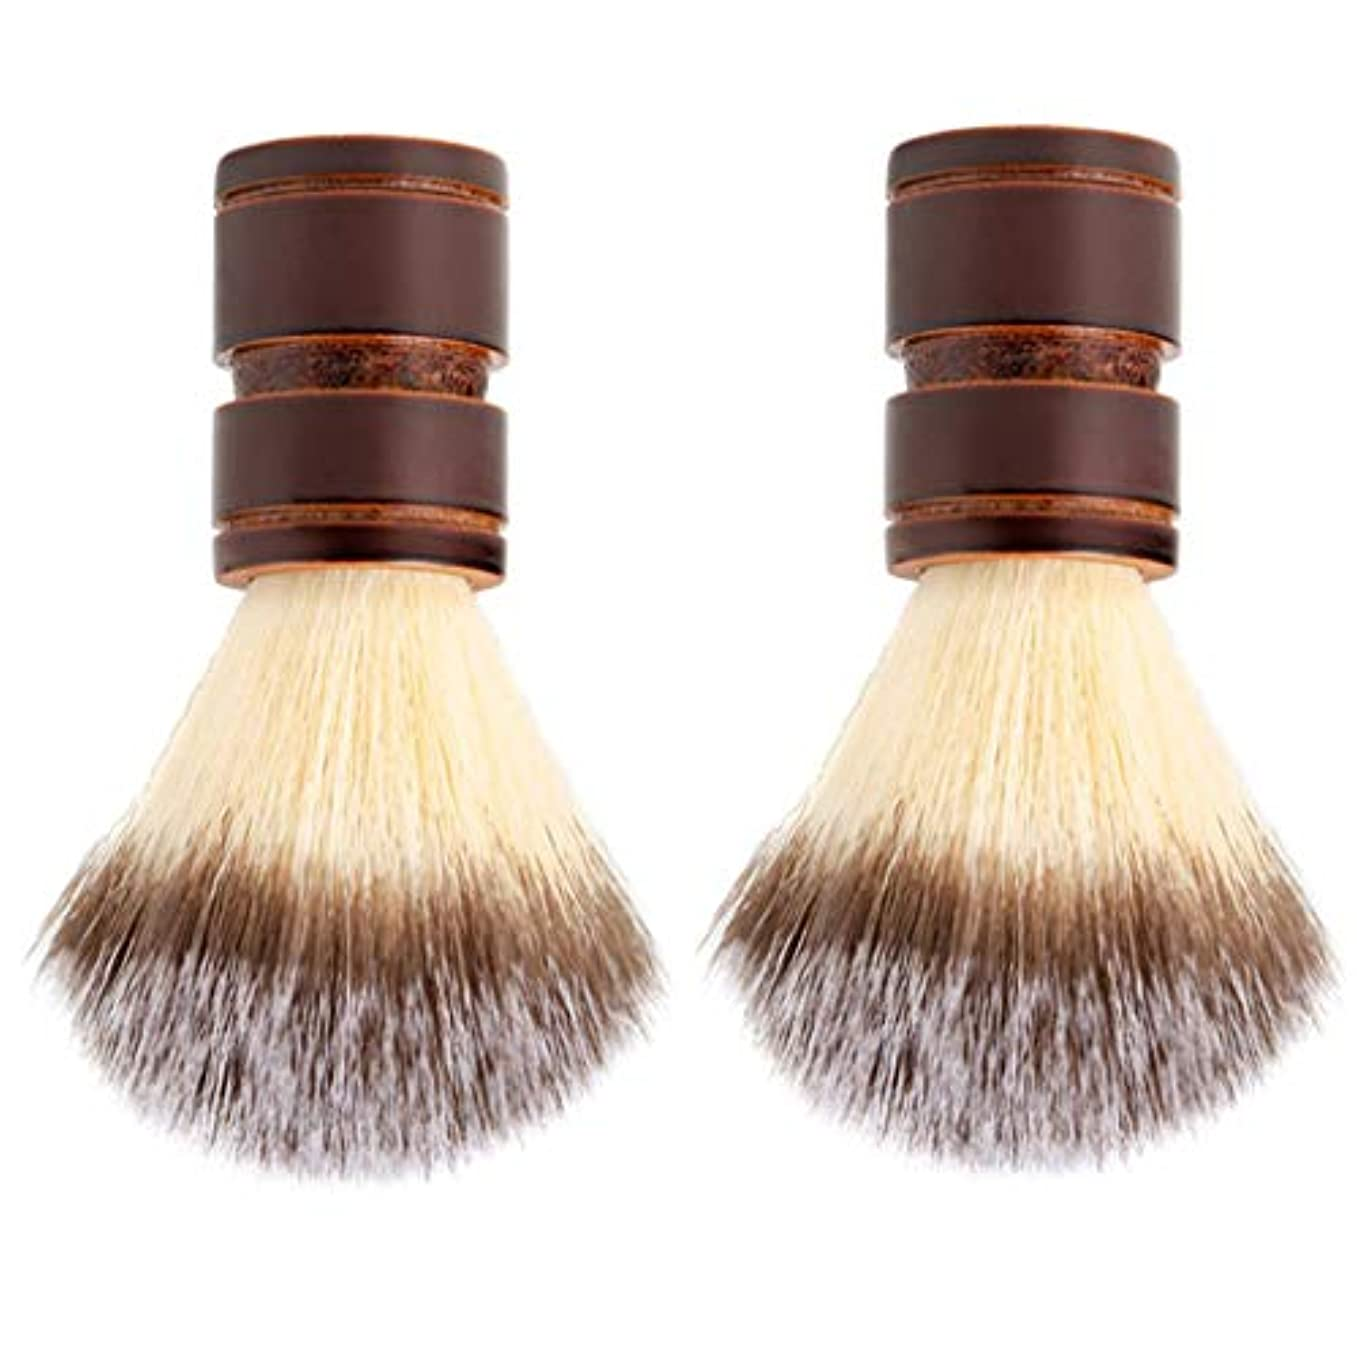 dailymall 木のハンドルが付いている2xナイロン毛の剃るブラシ個人的な専門の剃る